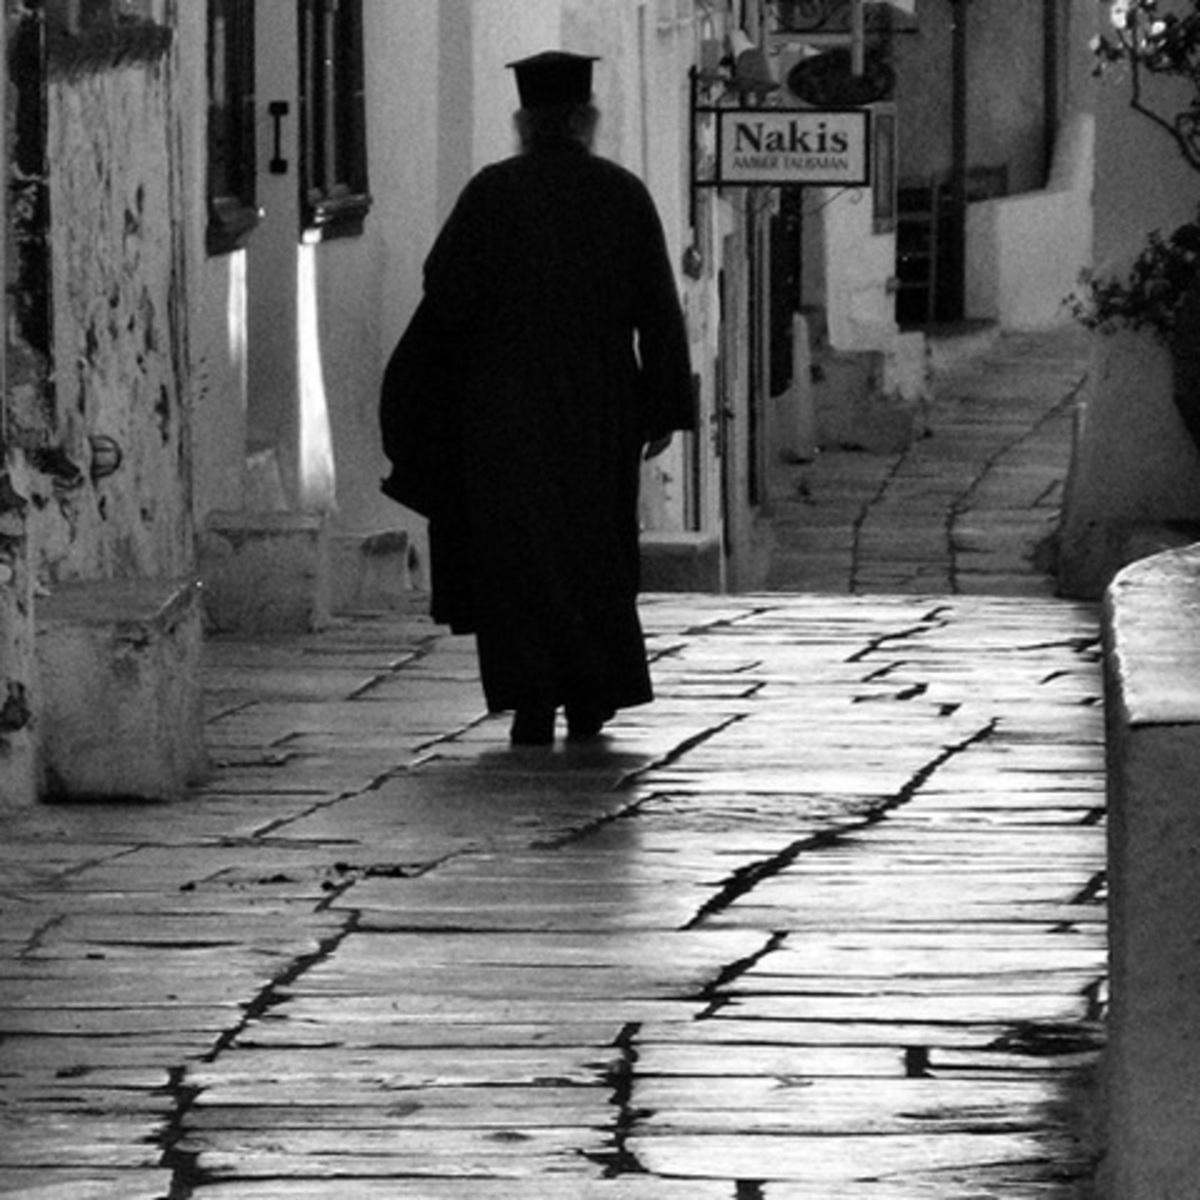 Πάτρα: Σκάνδαλο με πλαστές δωρεές σε εκκλησίες και μοναστήρια! | Newsit.gr